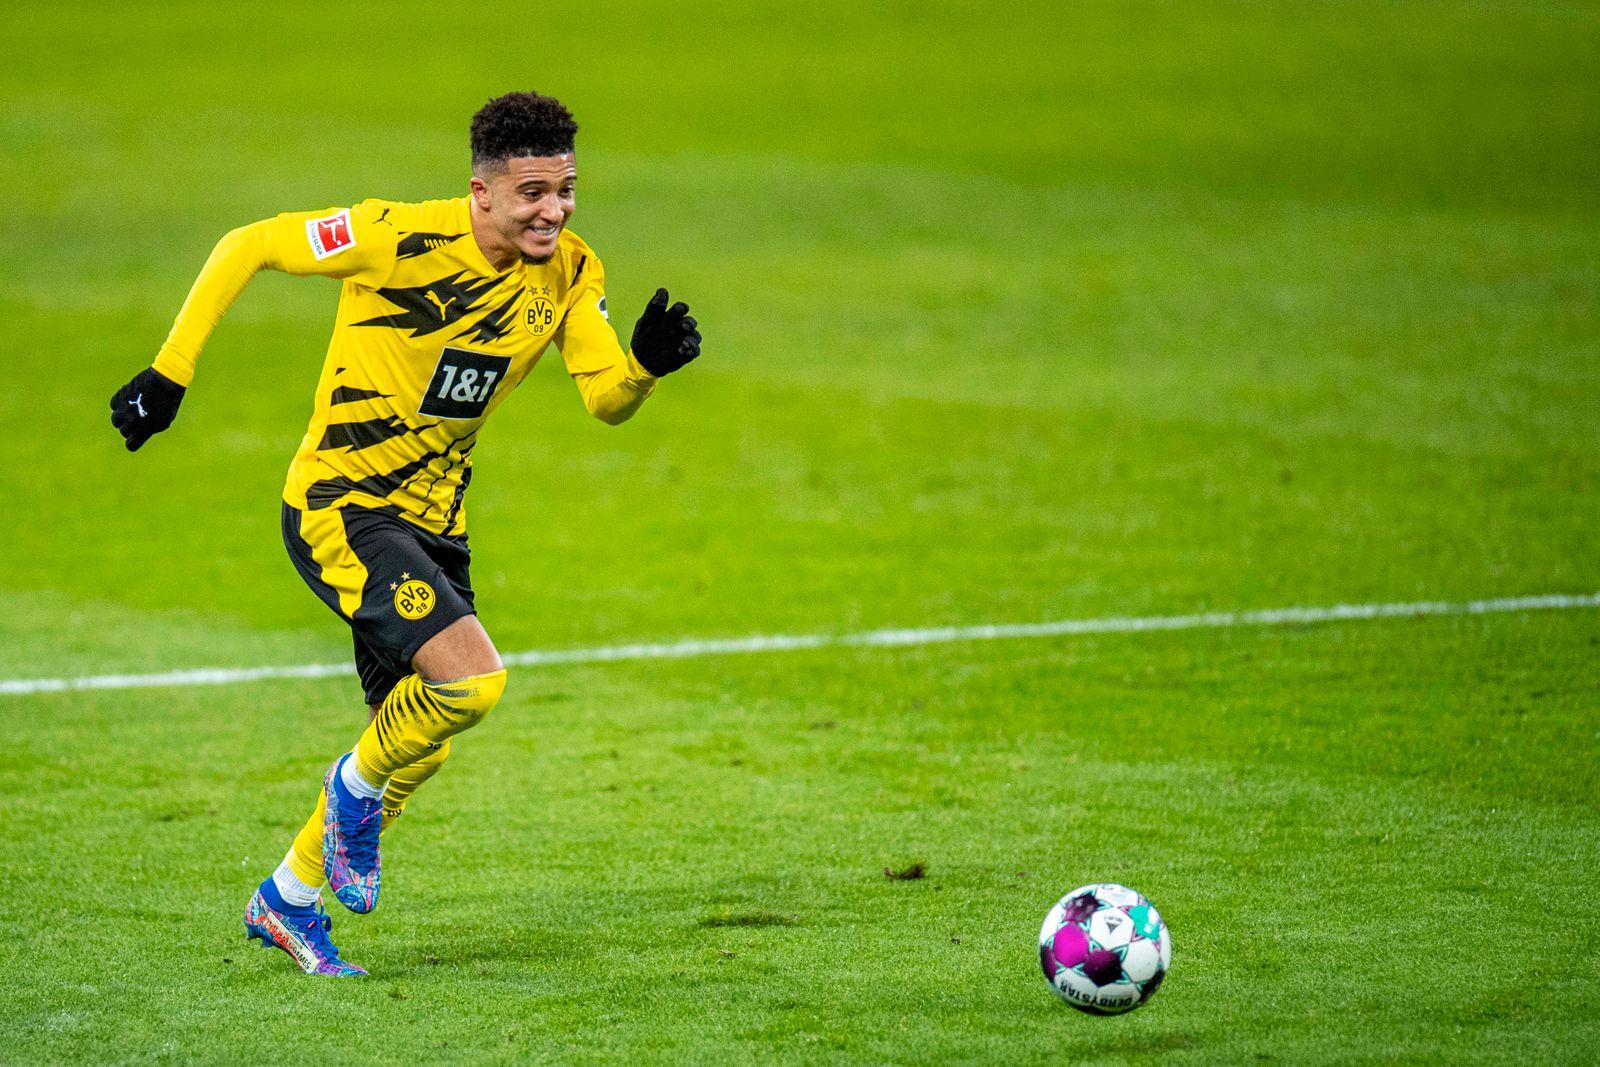 Fußball: 1. Bundesliga, Saison 2020/2021, 18. Spieltag, Borussia Mönchengladbach - Borussia Dortmund am 22.01.2021 im B